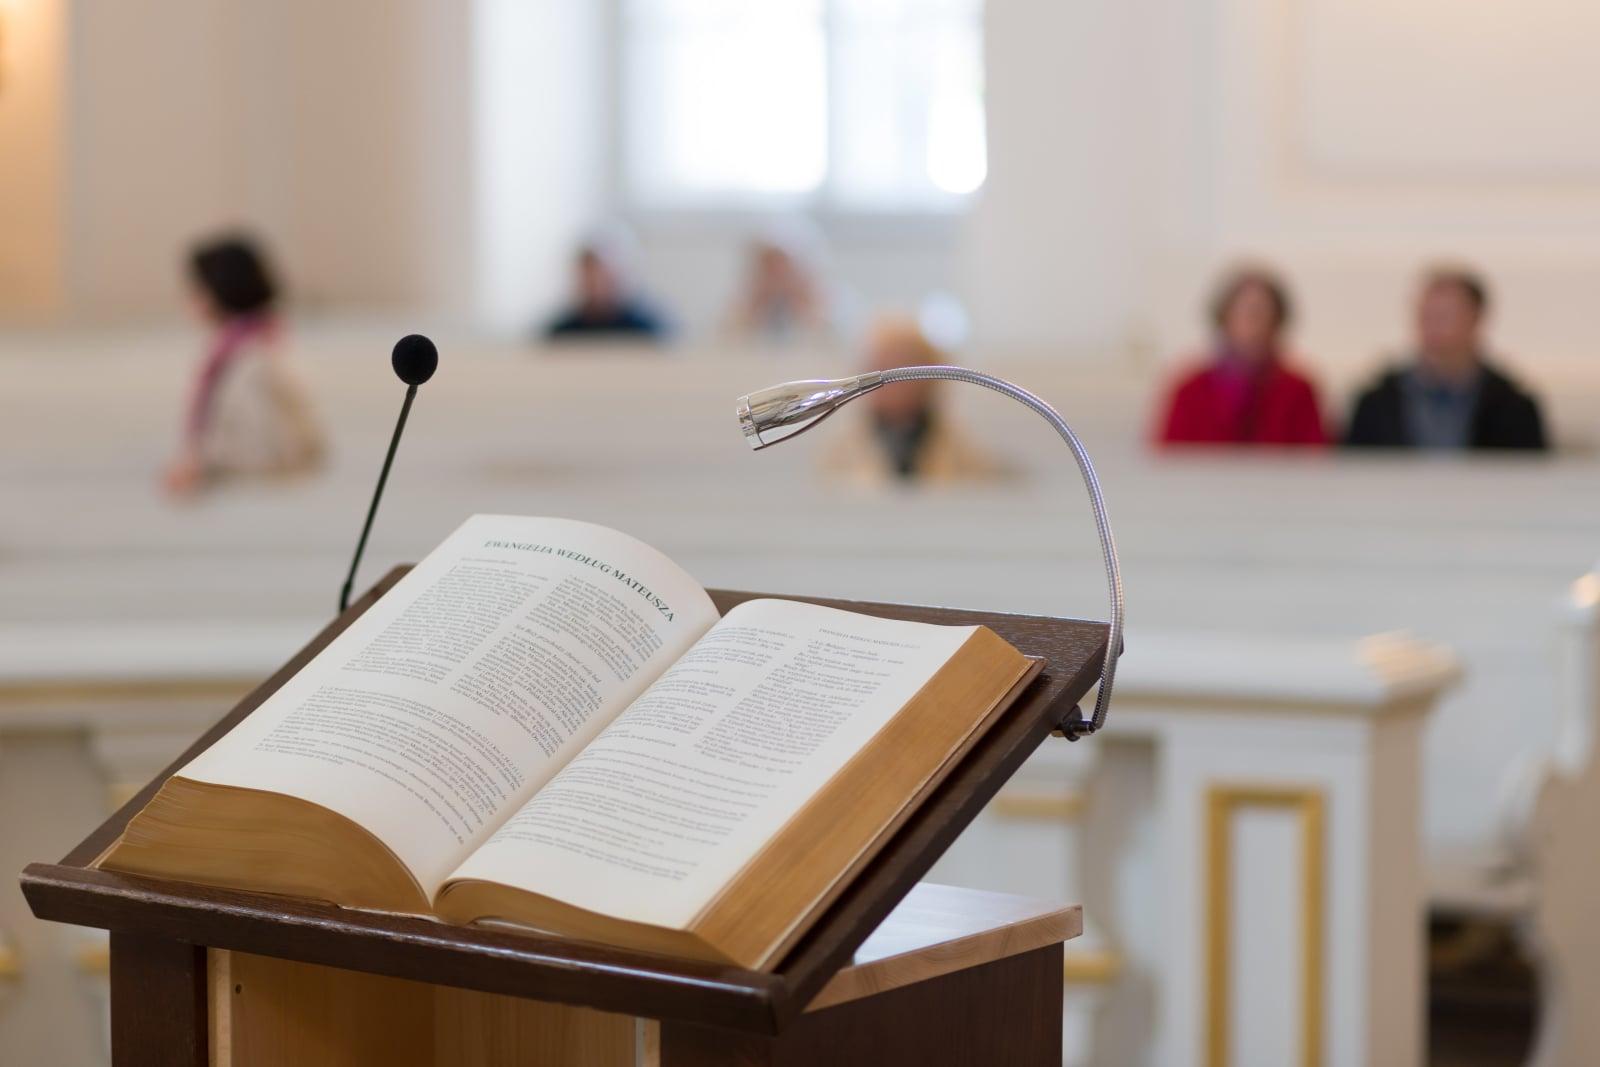 W parafii pod wezwaniem Wszystkich ŒŚwiętych w Poznaniu rozpoczął się XIV Maraton Biblijny archidiecezji poznańskiej, fot. PAP/Jakub Kaczmarczyk